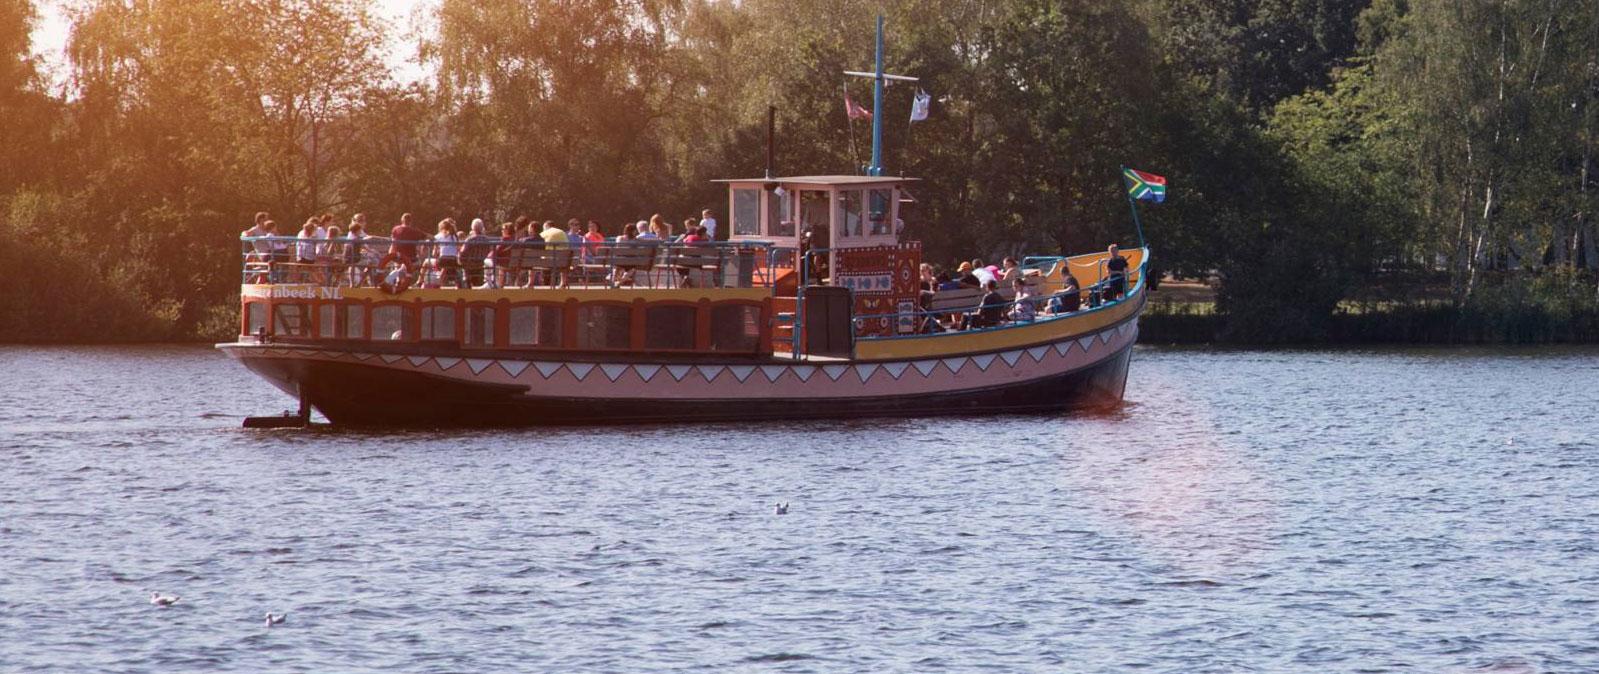 Terwijl je aan het zwemmen bent in het Junglebad heb je dankzij de grote ramen een mooi uitzicht over het Victoriameer.